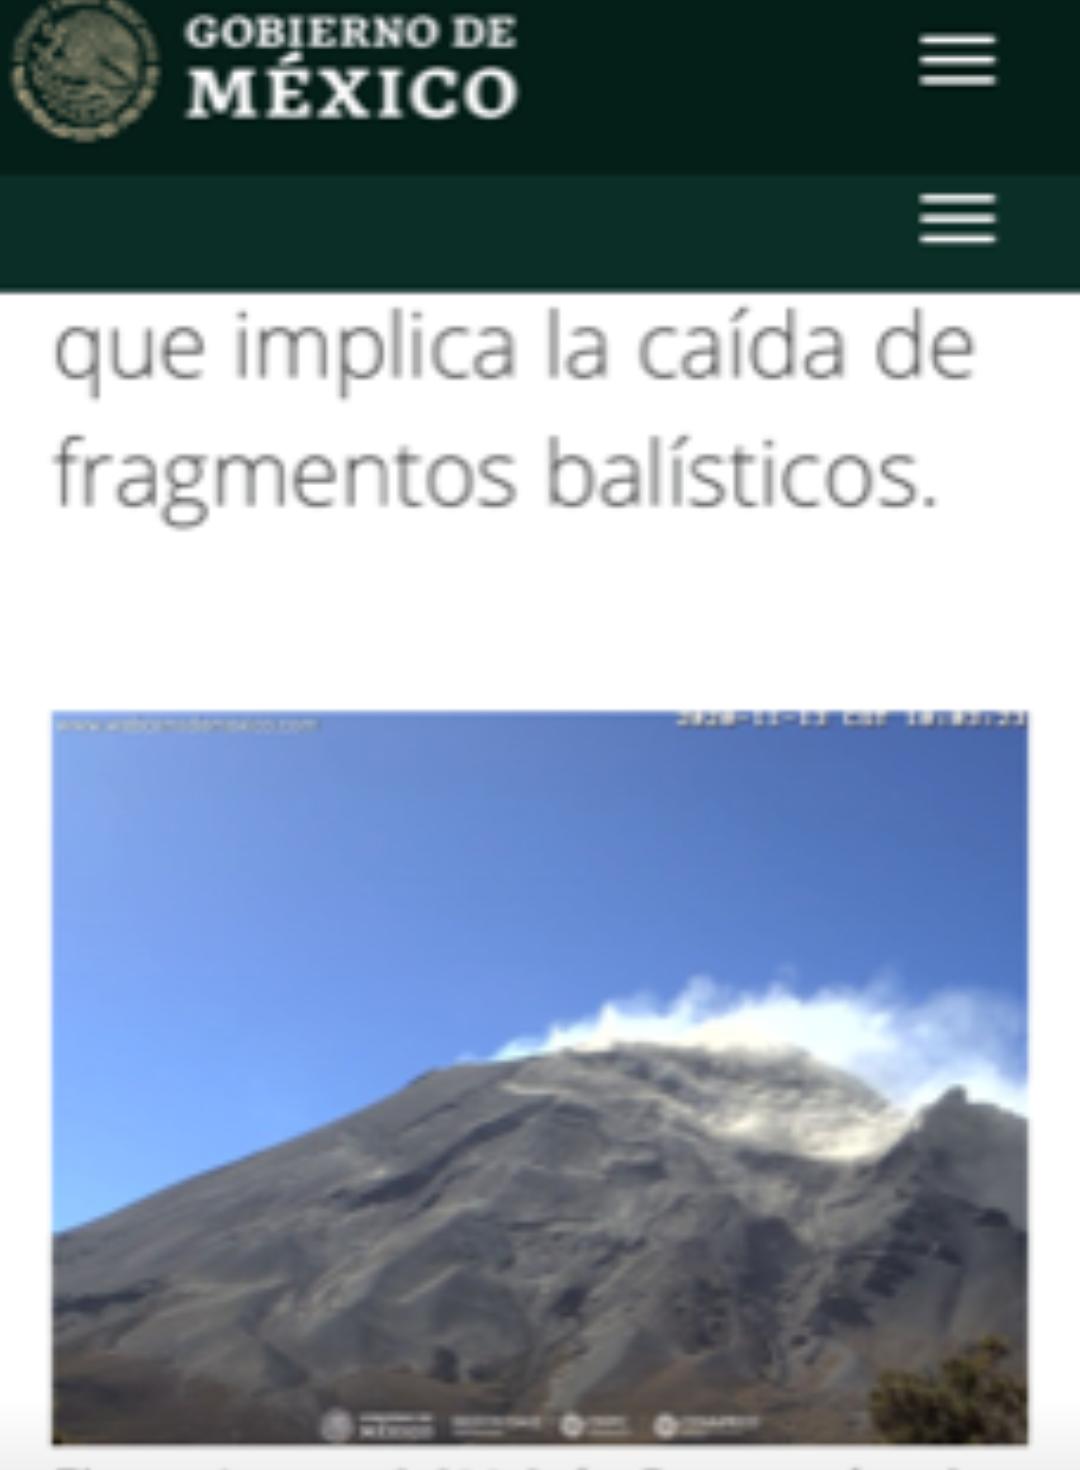 Popocatépetl registró 307 exhalacionesen las últimas horas: Cenapred